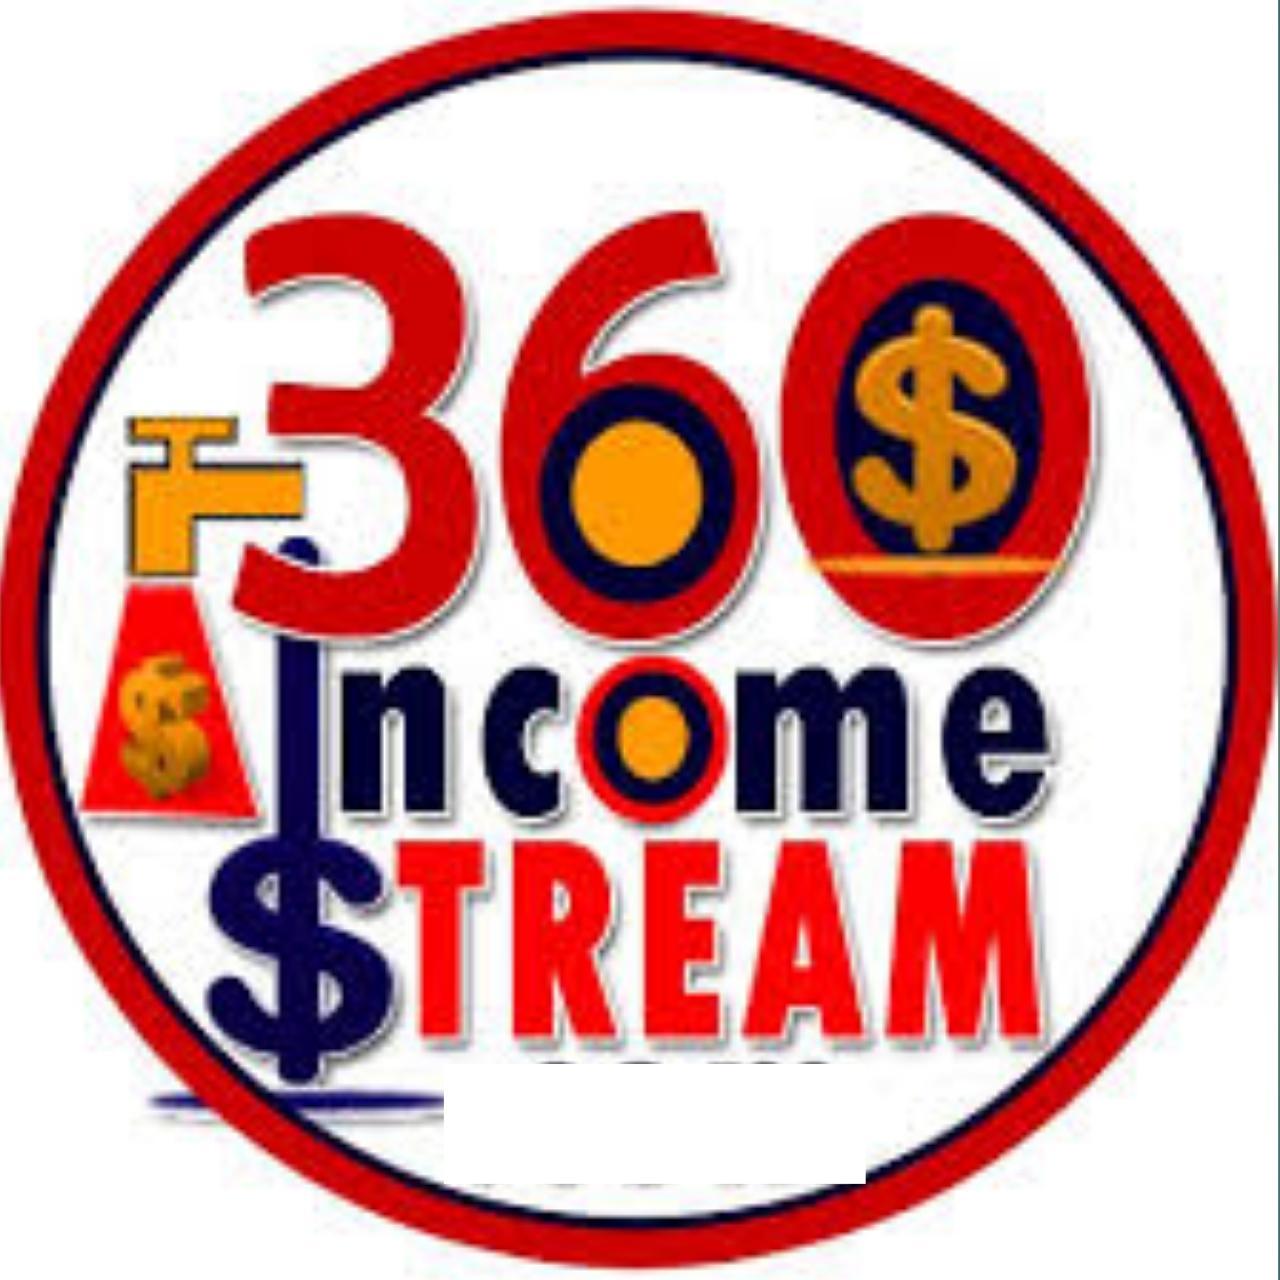 360incomestream